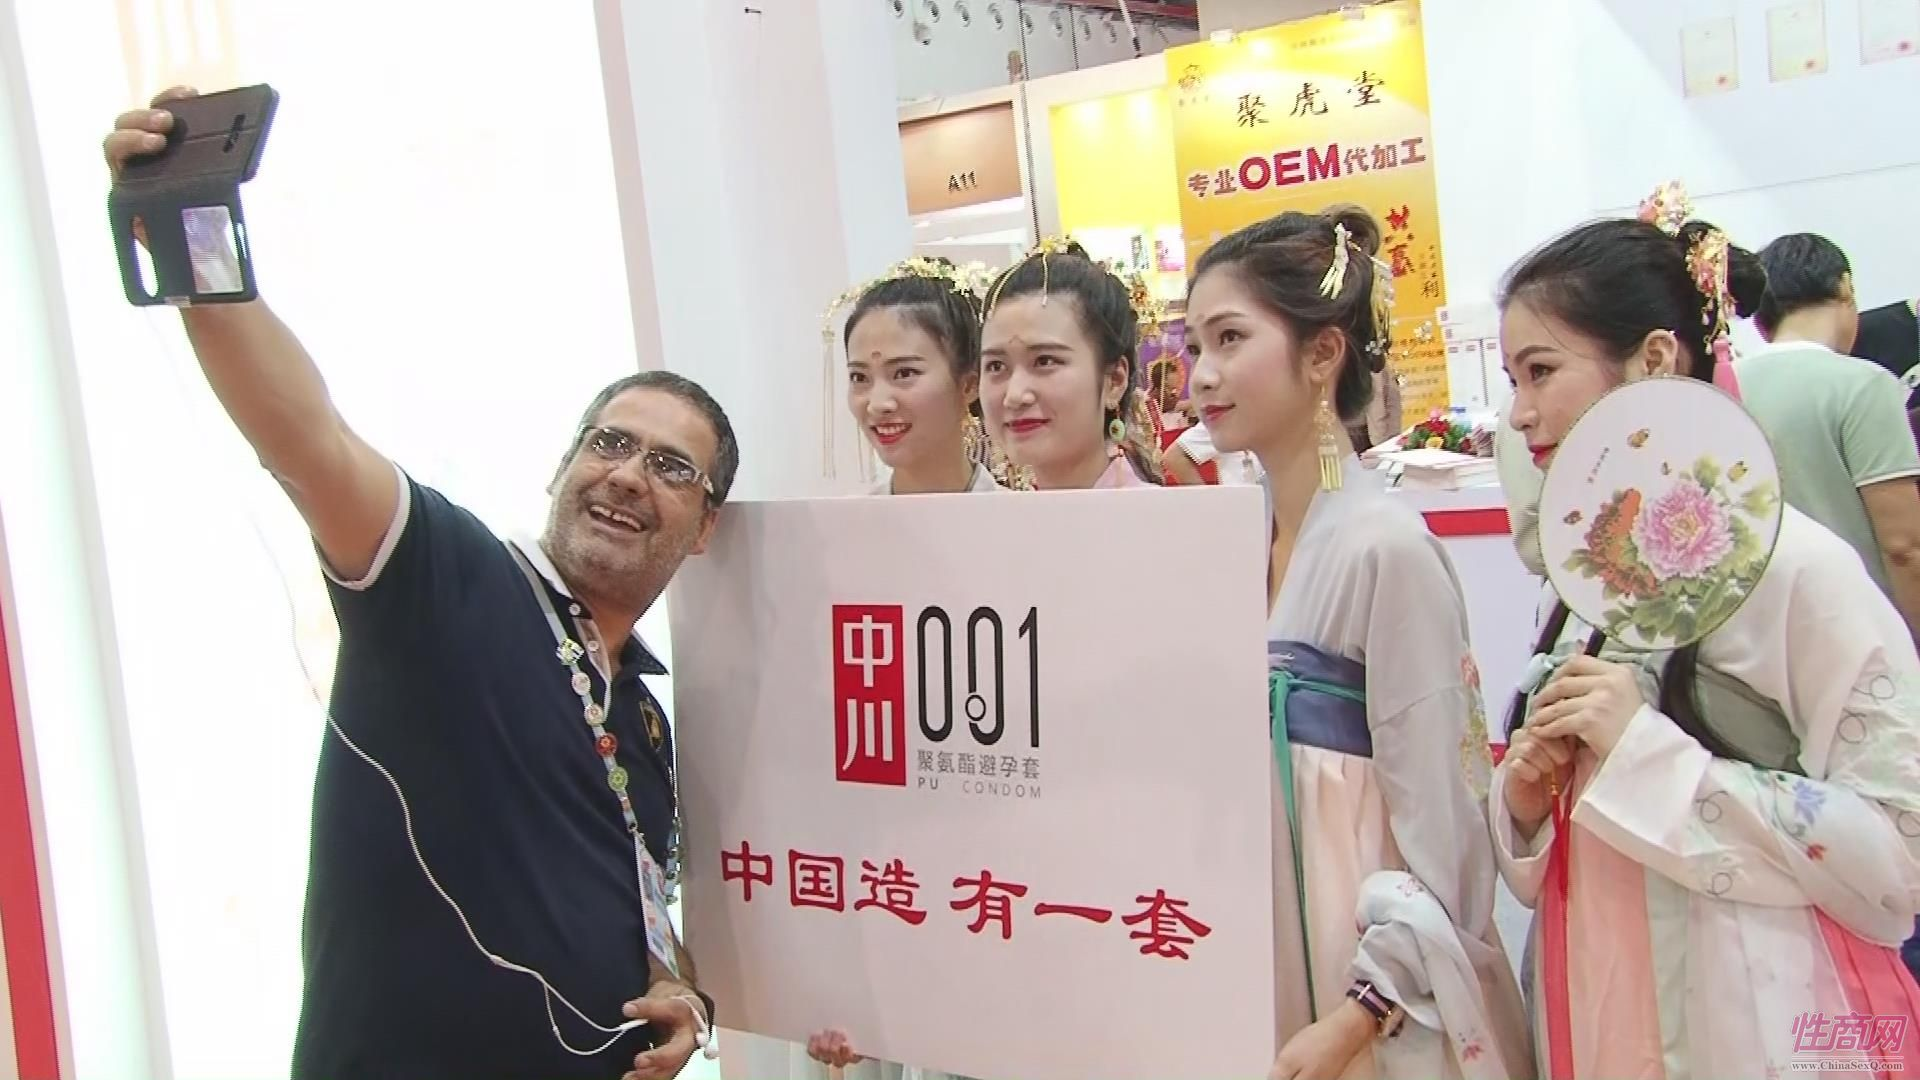 中川001安全套的四位中国风模特吸引了外国采购商